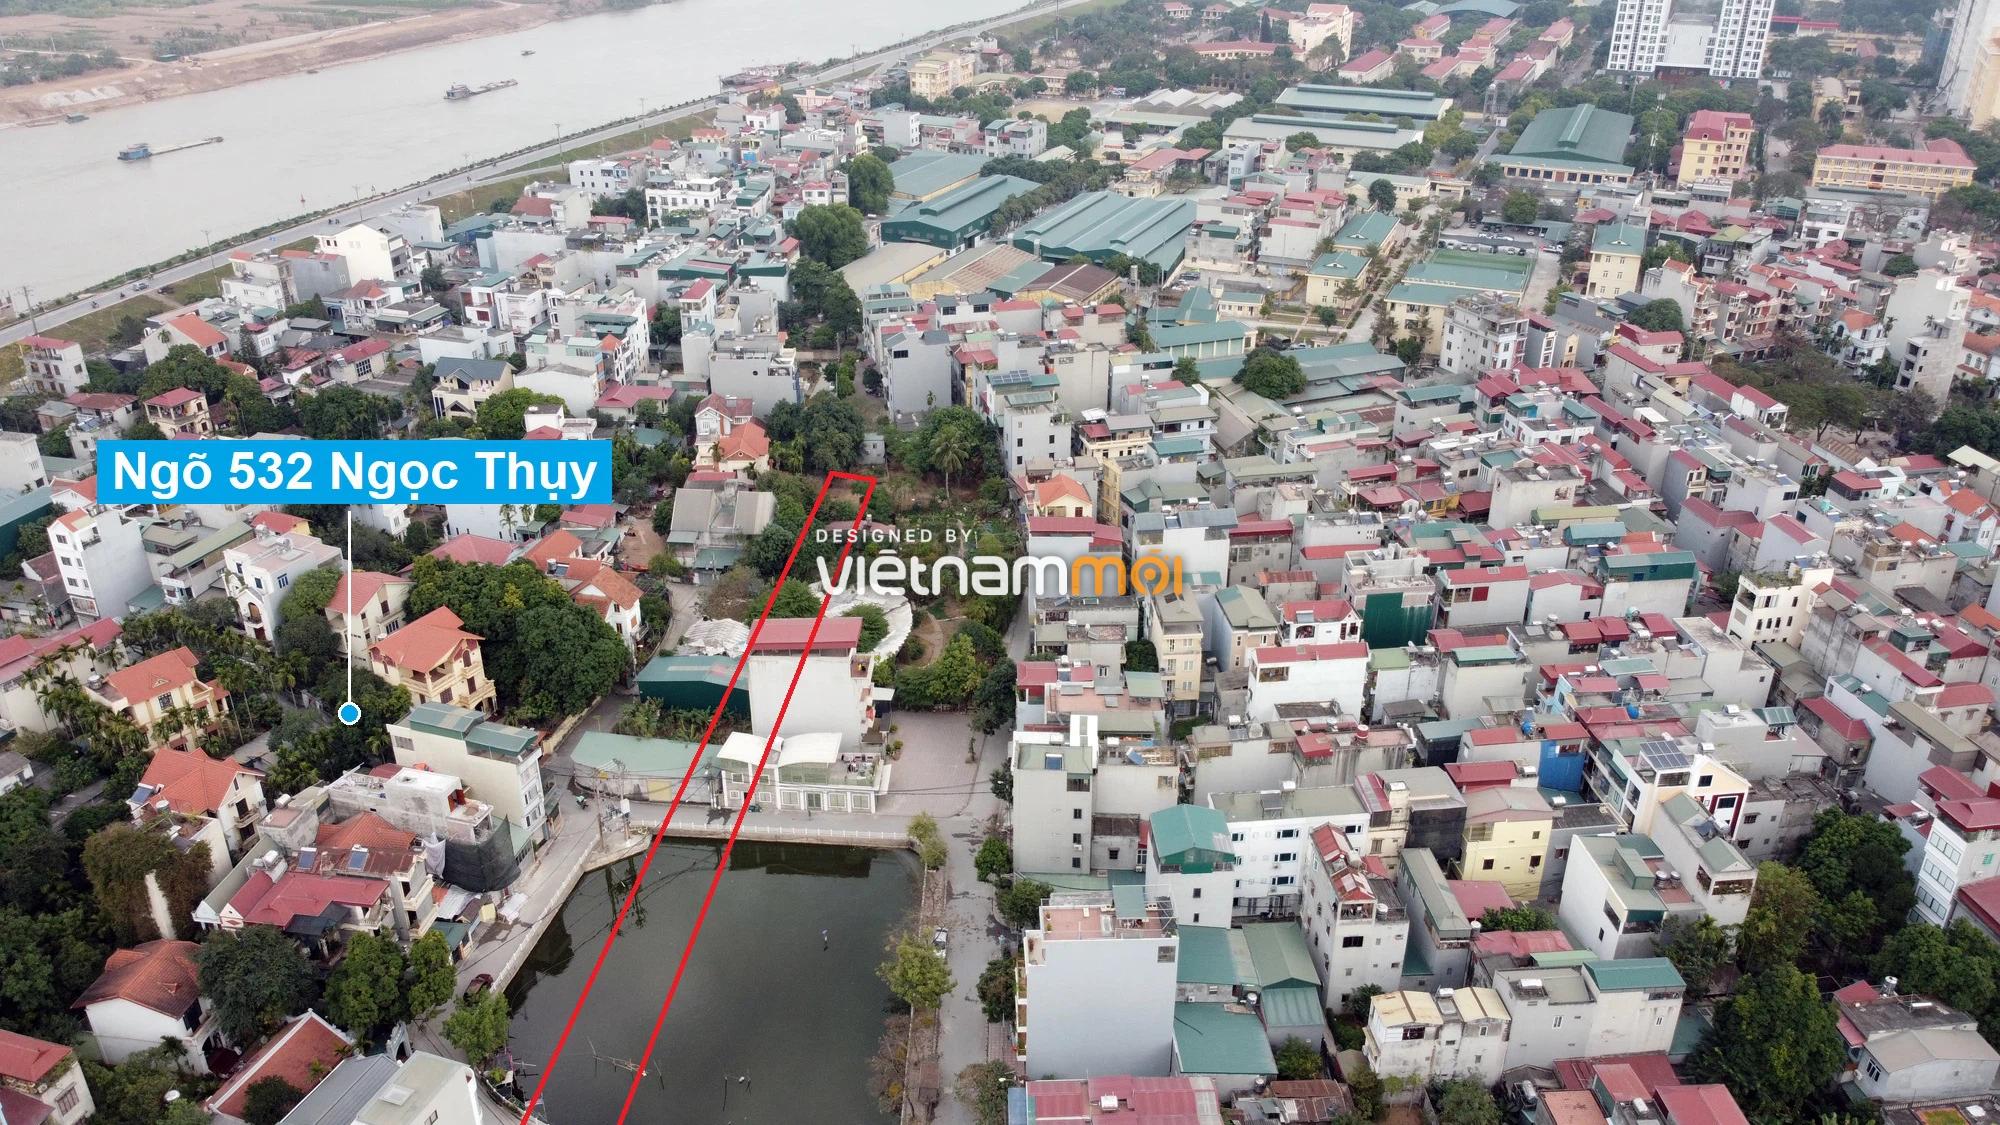 Những khu đất sắp thu hồi để mở đường ở phường Ngọc Thụy, Long Biên, Hà Nội (phần 2) - Ảnh 5.